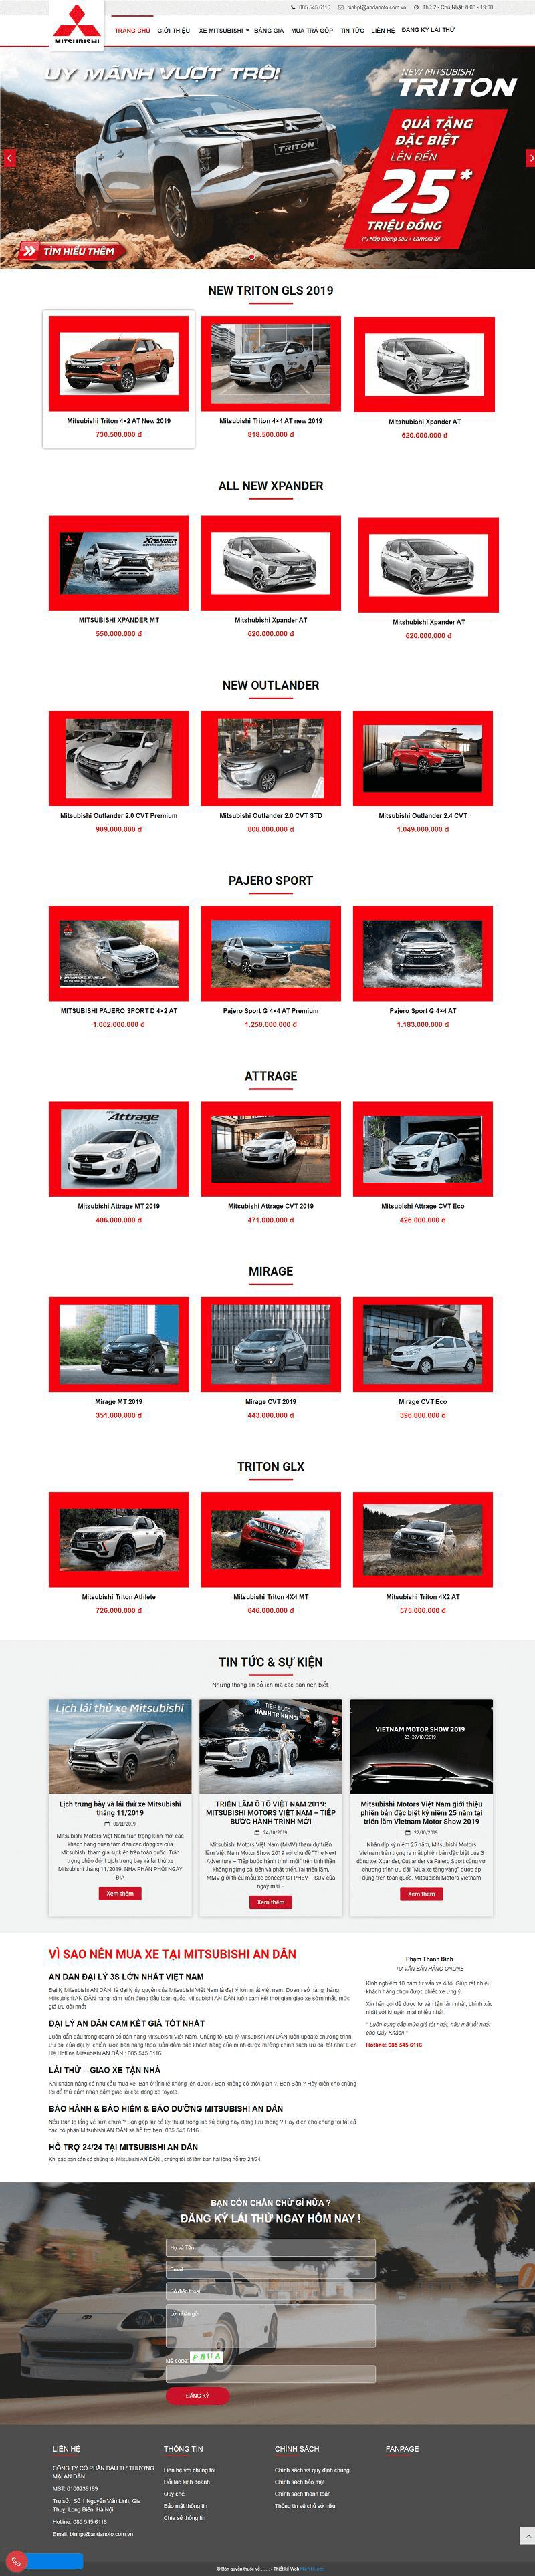 Web ô tô Mitsubishi